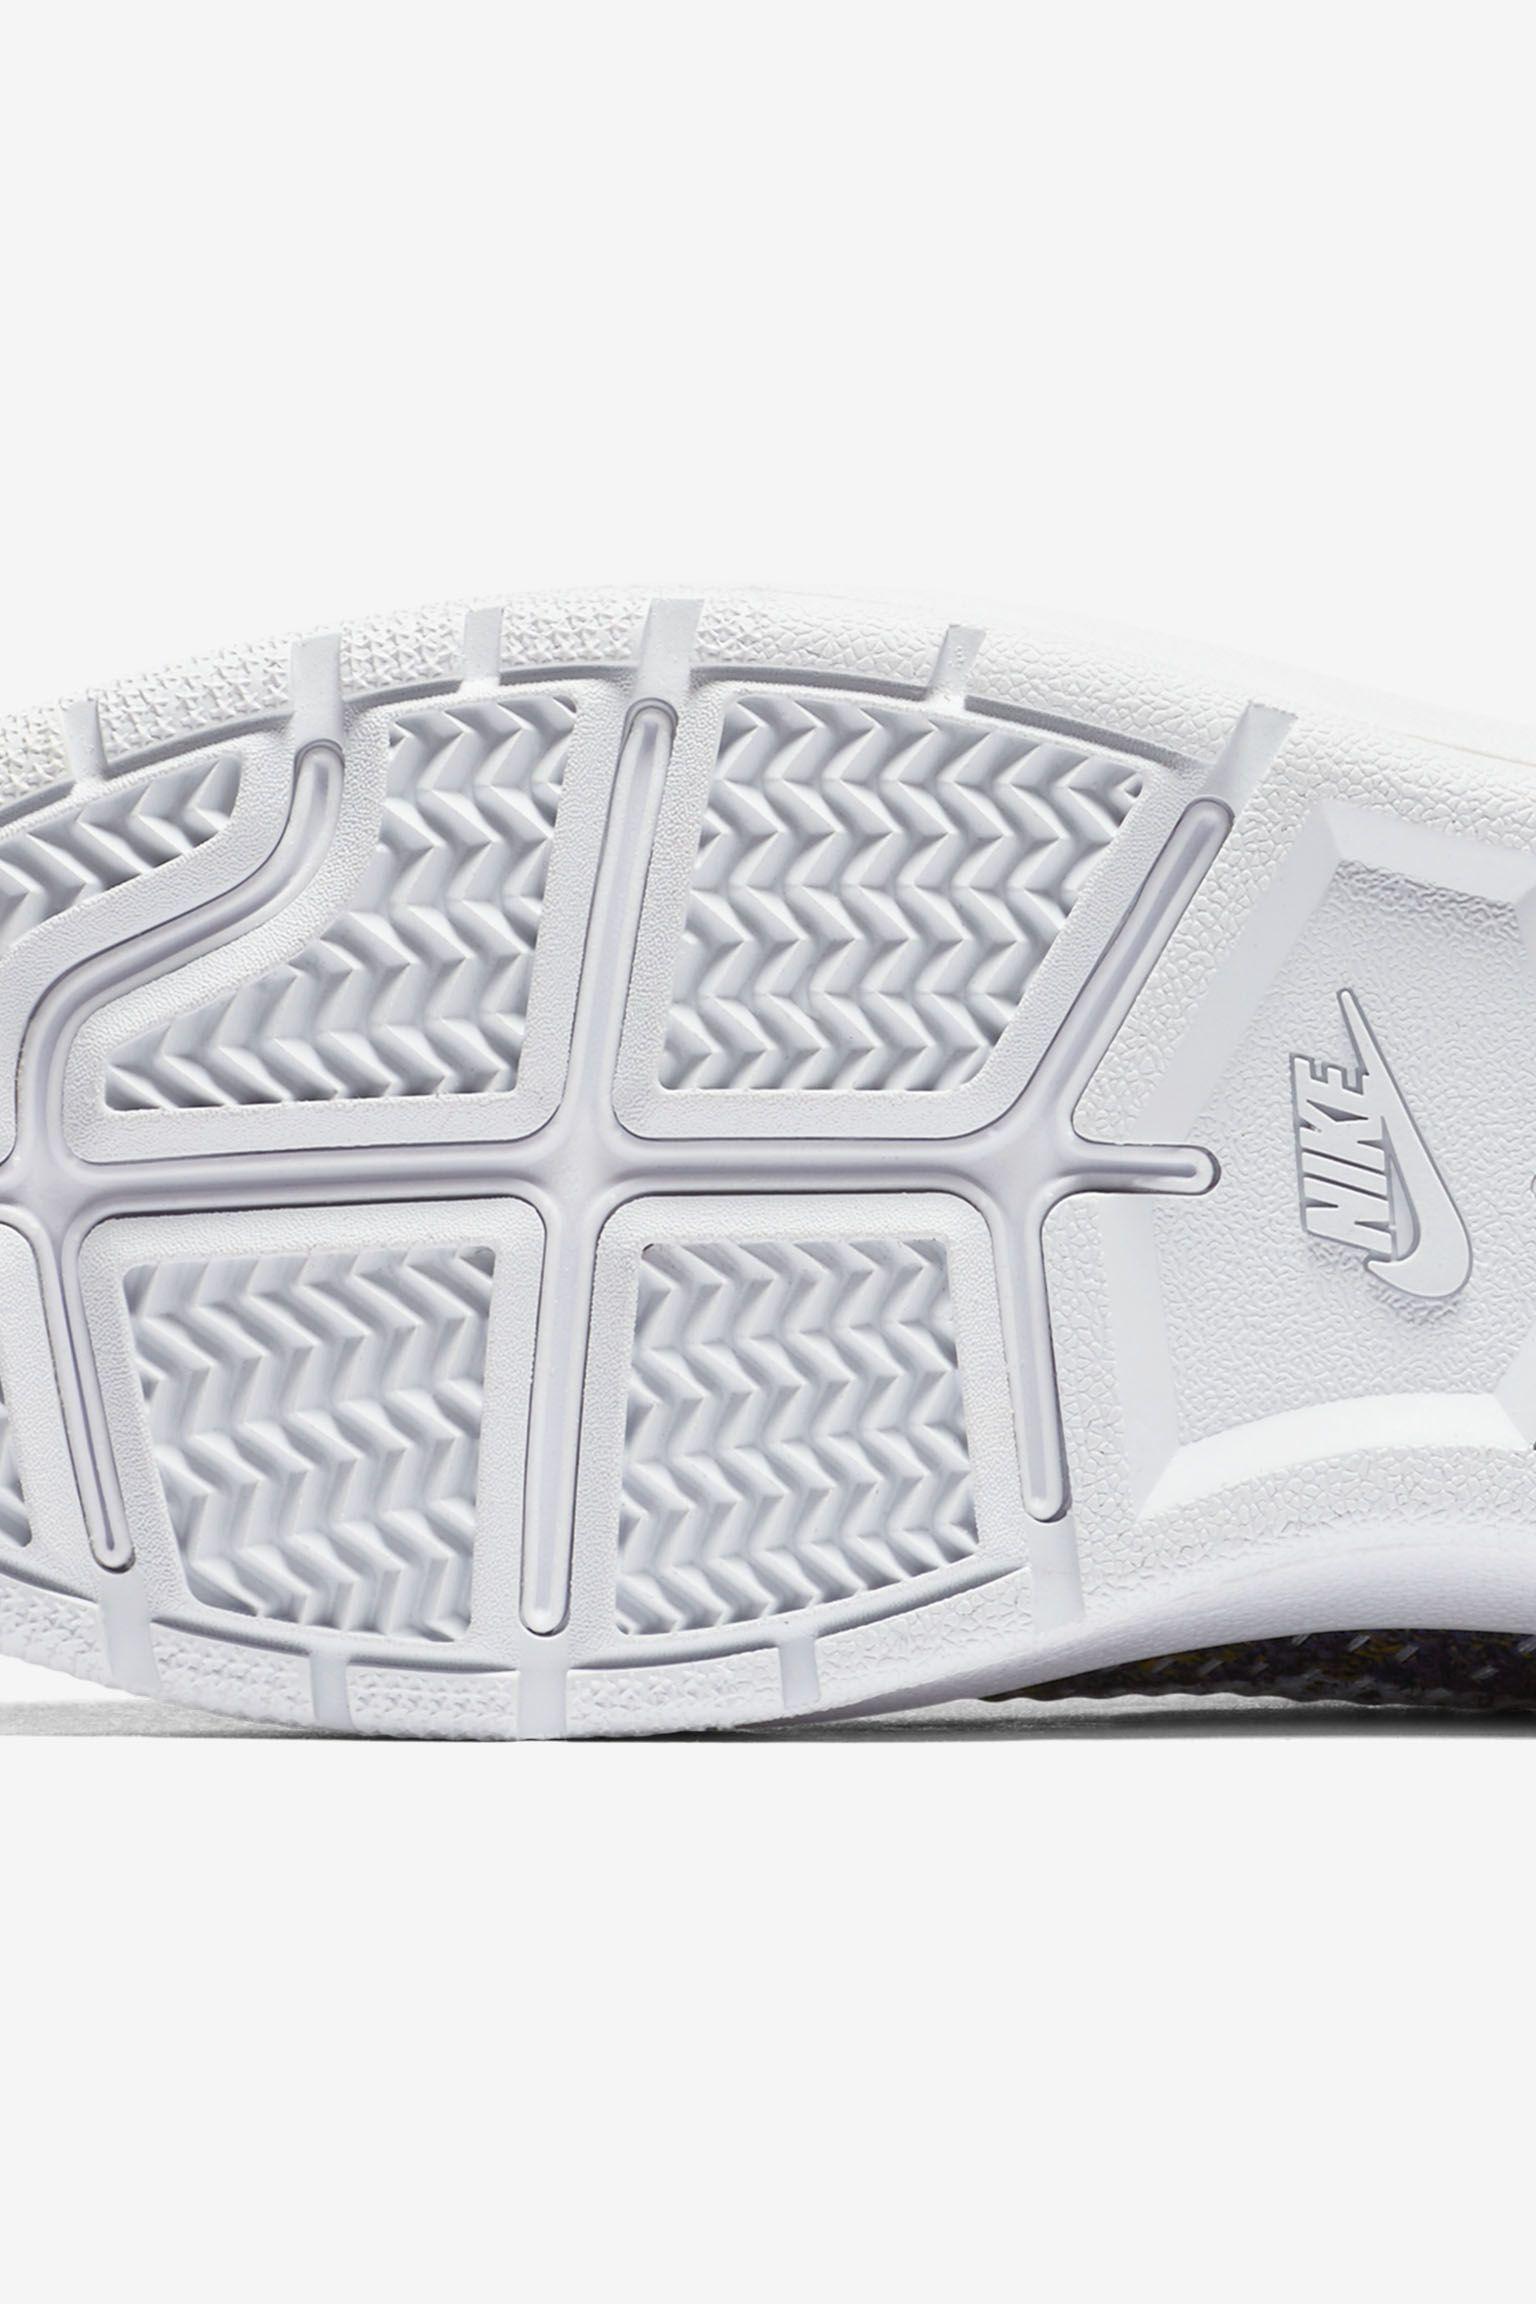 Women's Nike Tennis Classic Ultra Flyknit 'Olive' Release Date